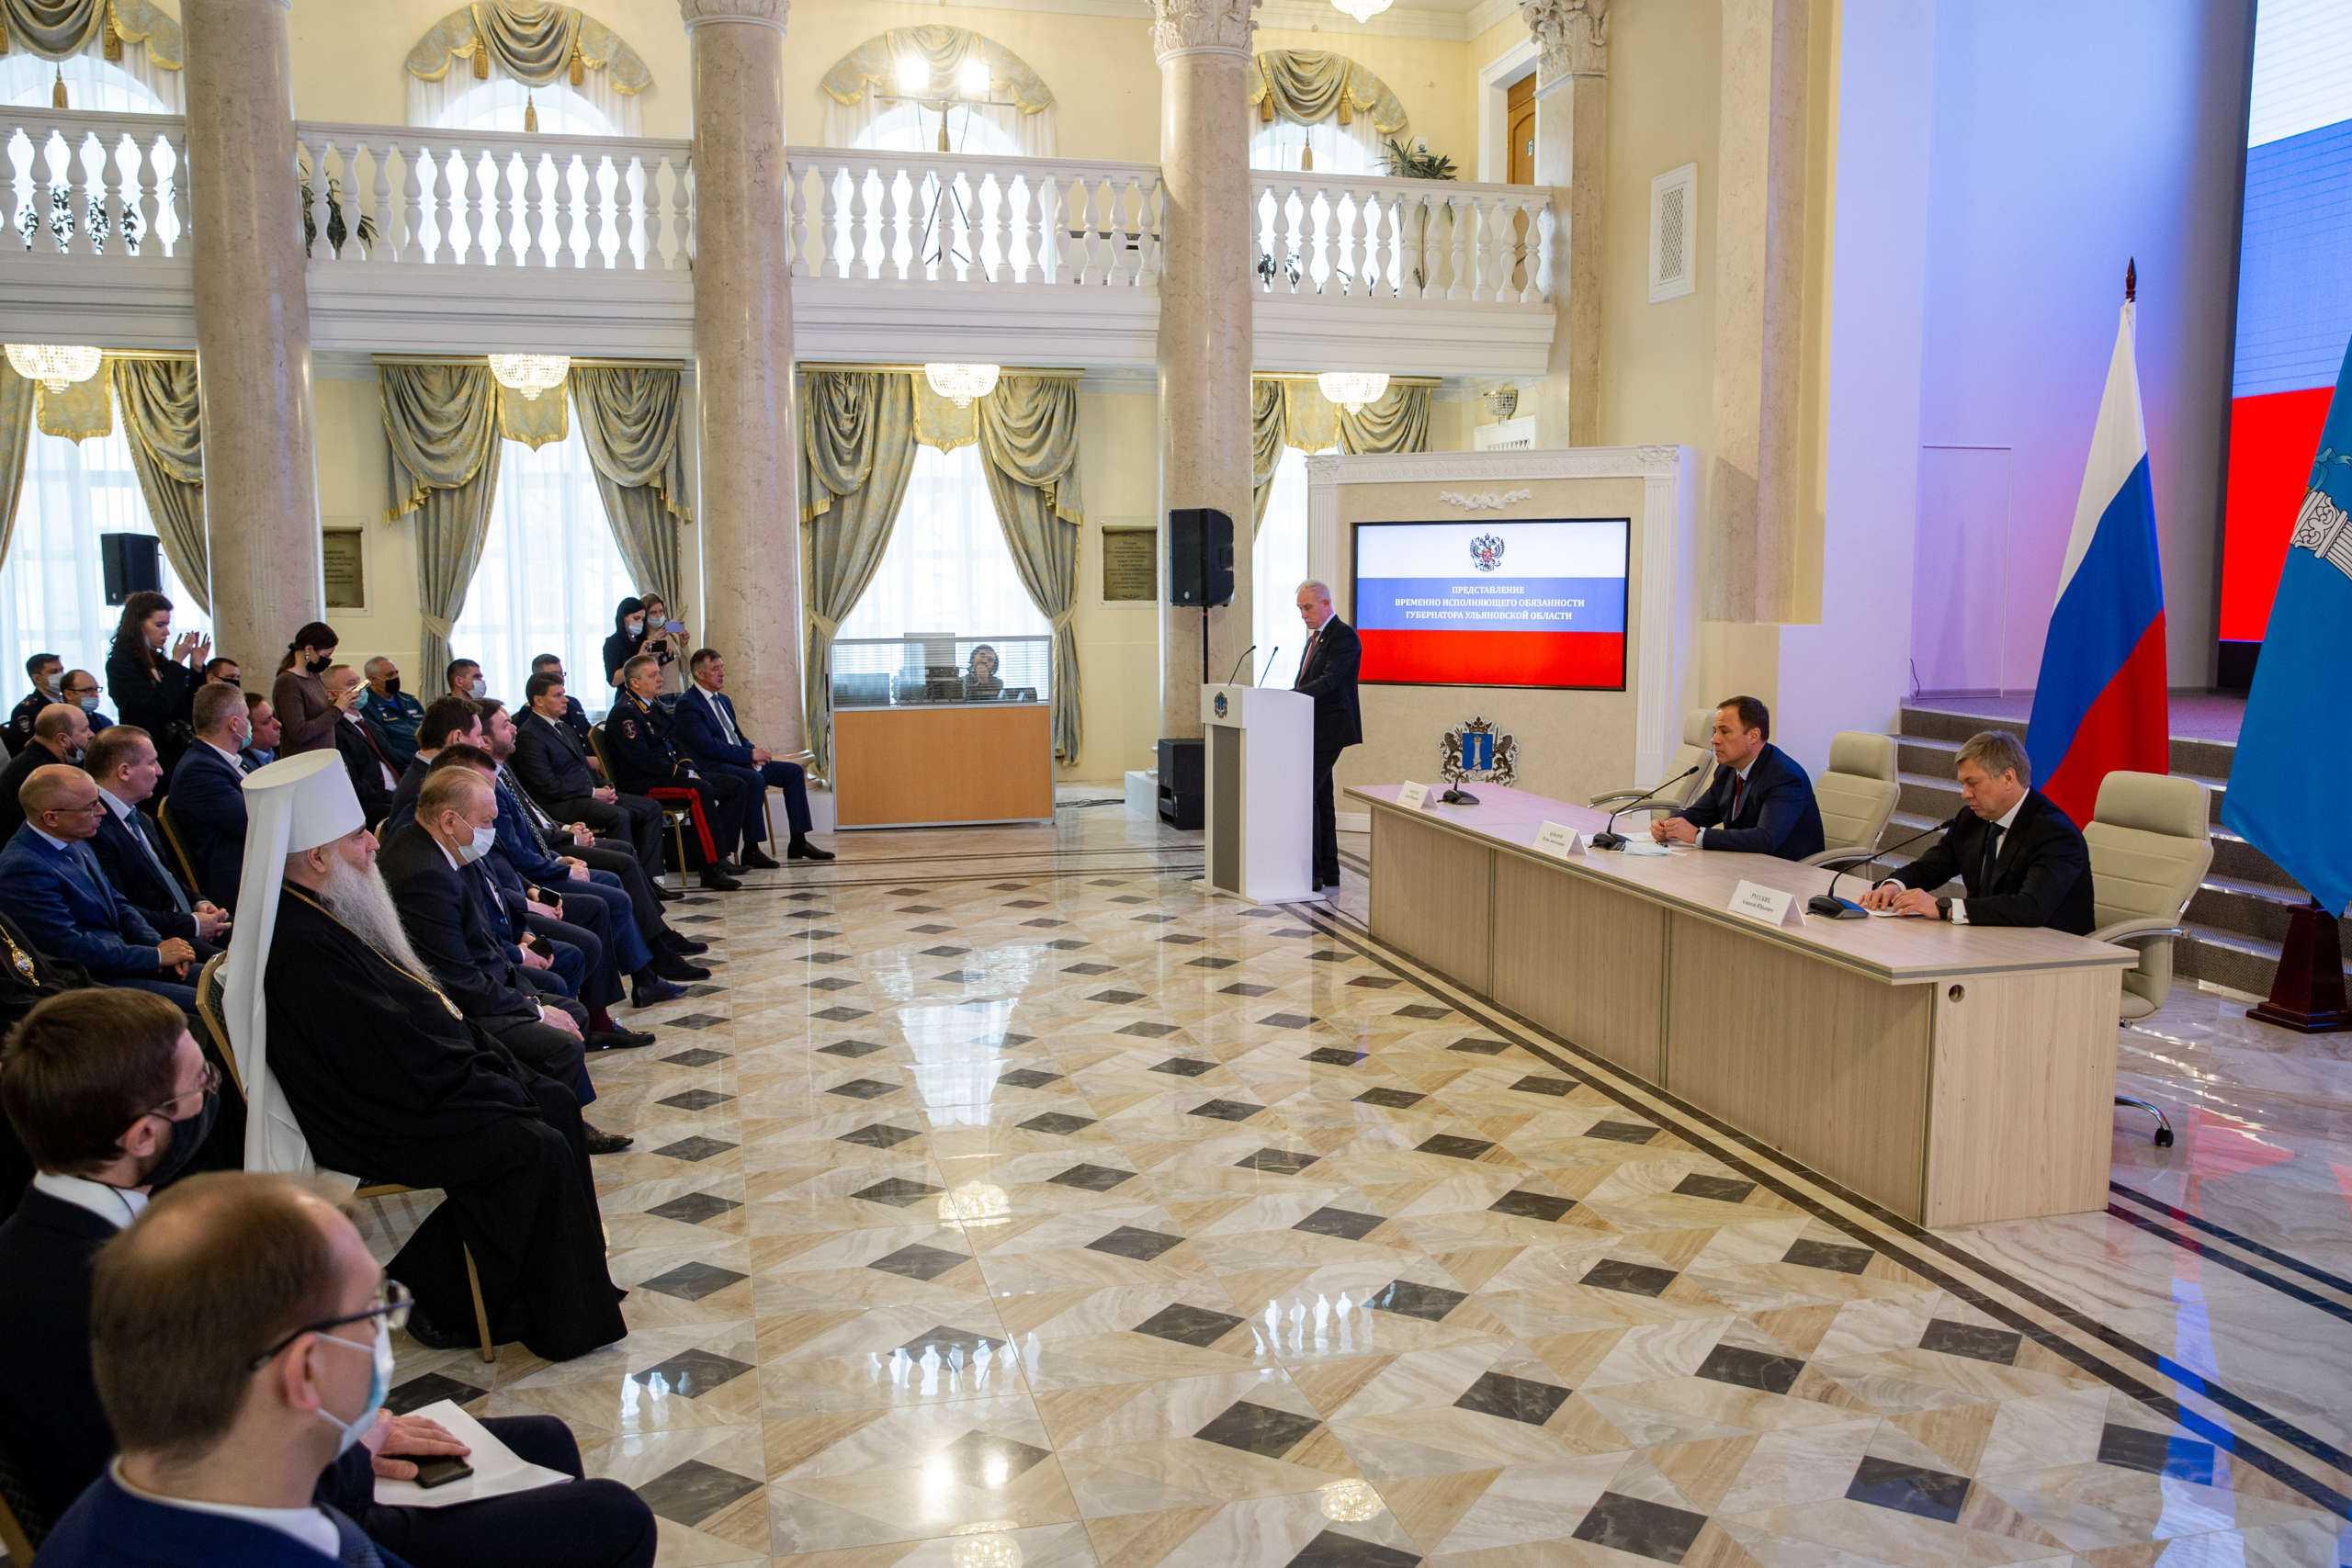 Митрополит Лонгин принял участие во встрече-представлении врио губернатора Ульяновской области Алексея Русских - Симбирская митрополия